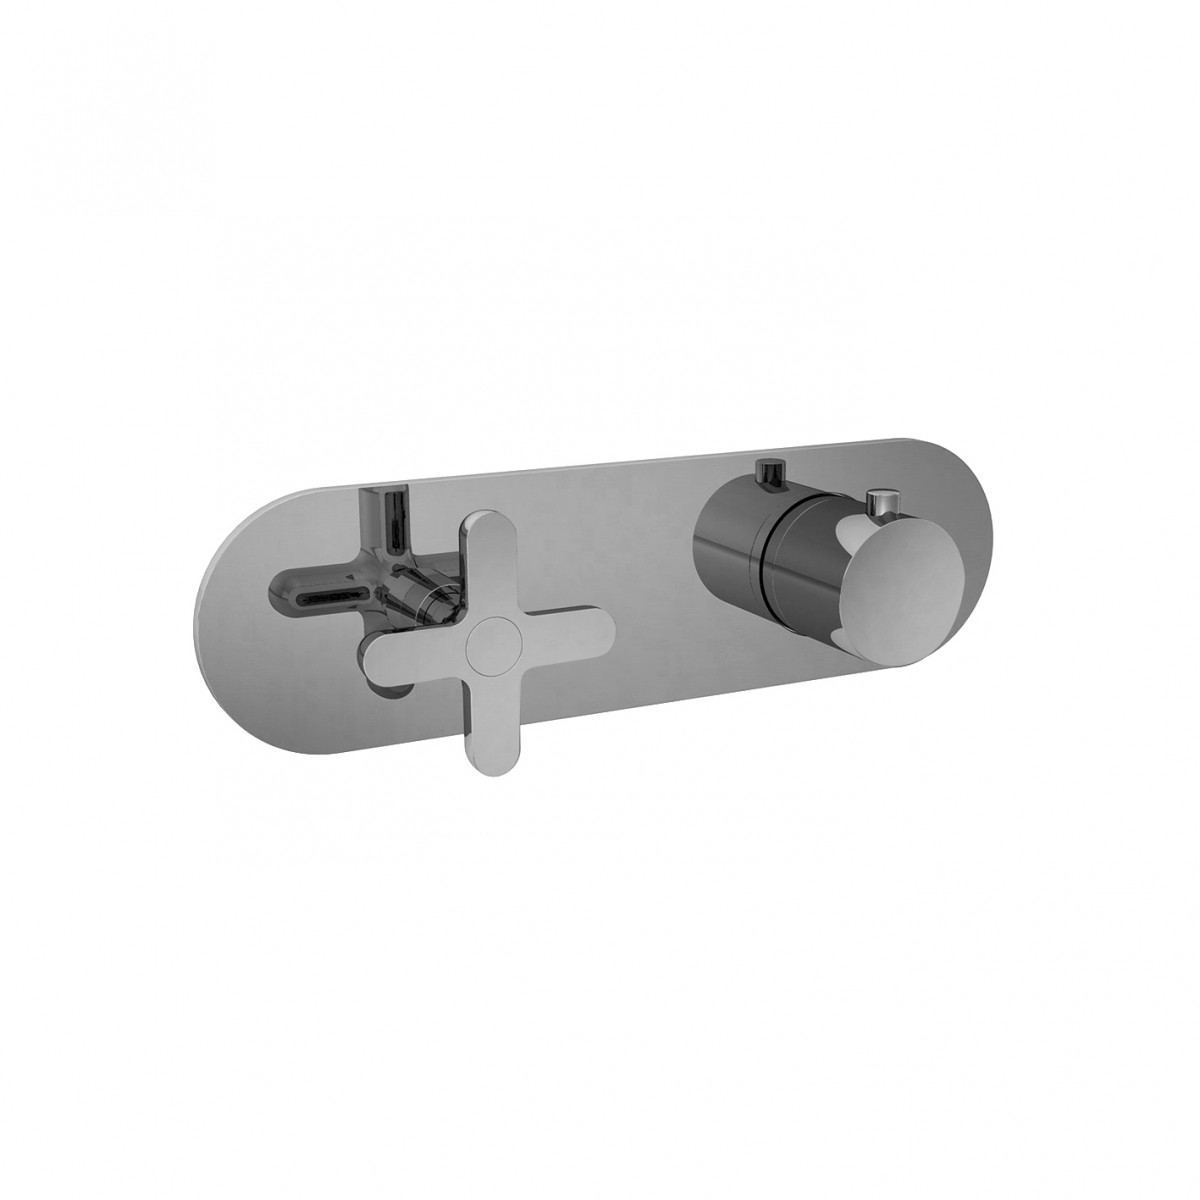 Fantini icona classic monomando termost tico ducha for Monomando termostatico ducha